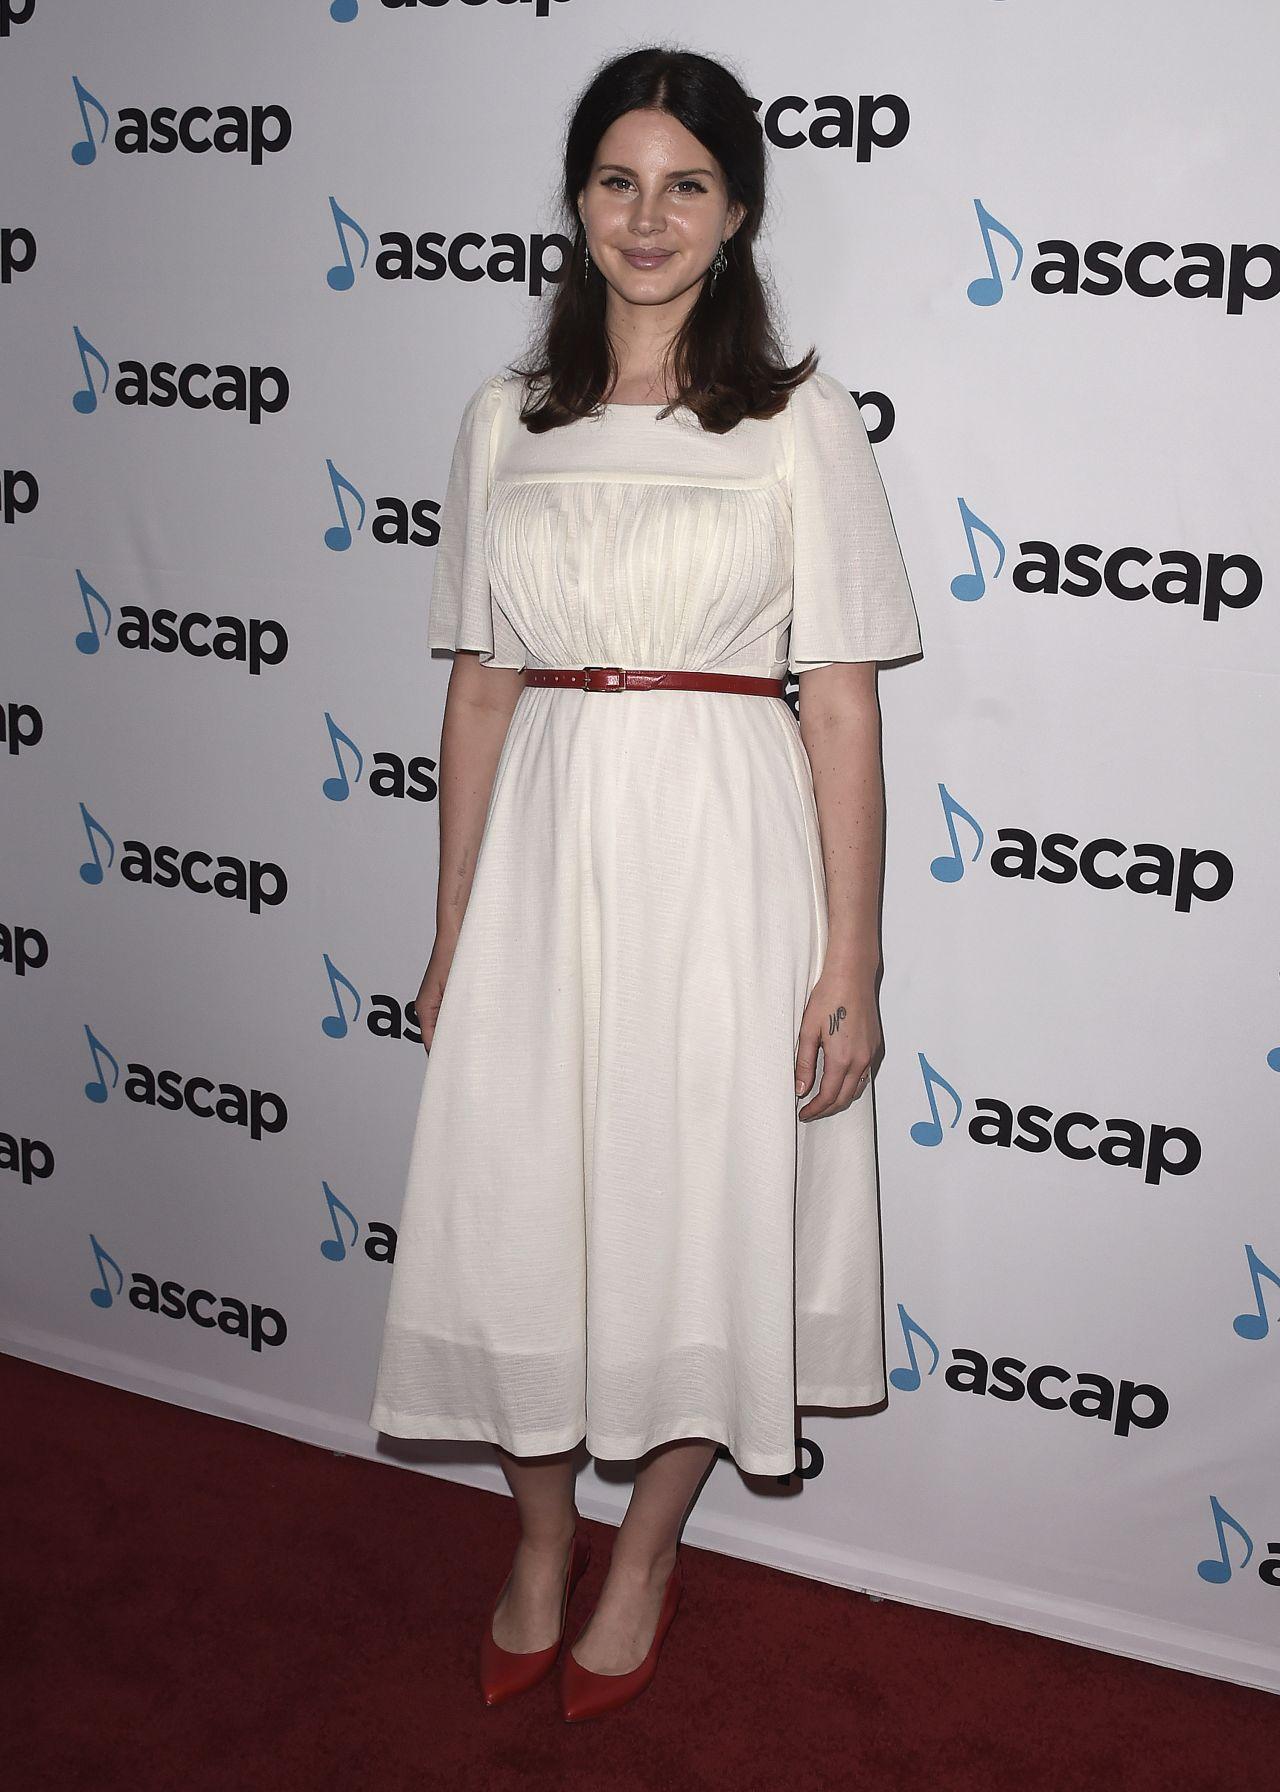 Ascap Pop Music - liquisearch.com